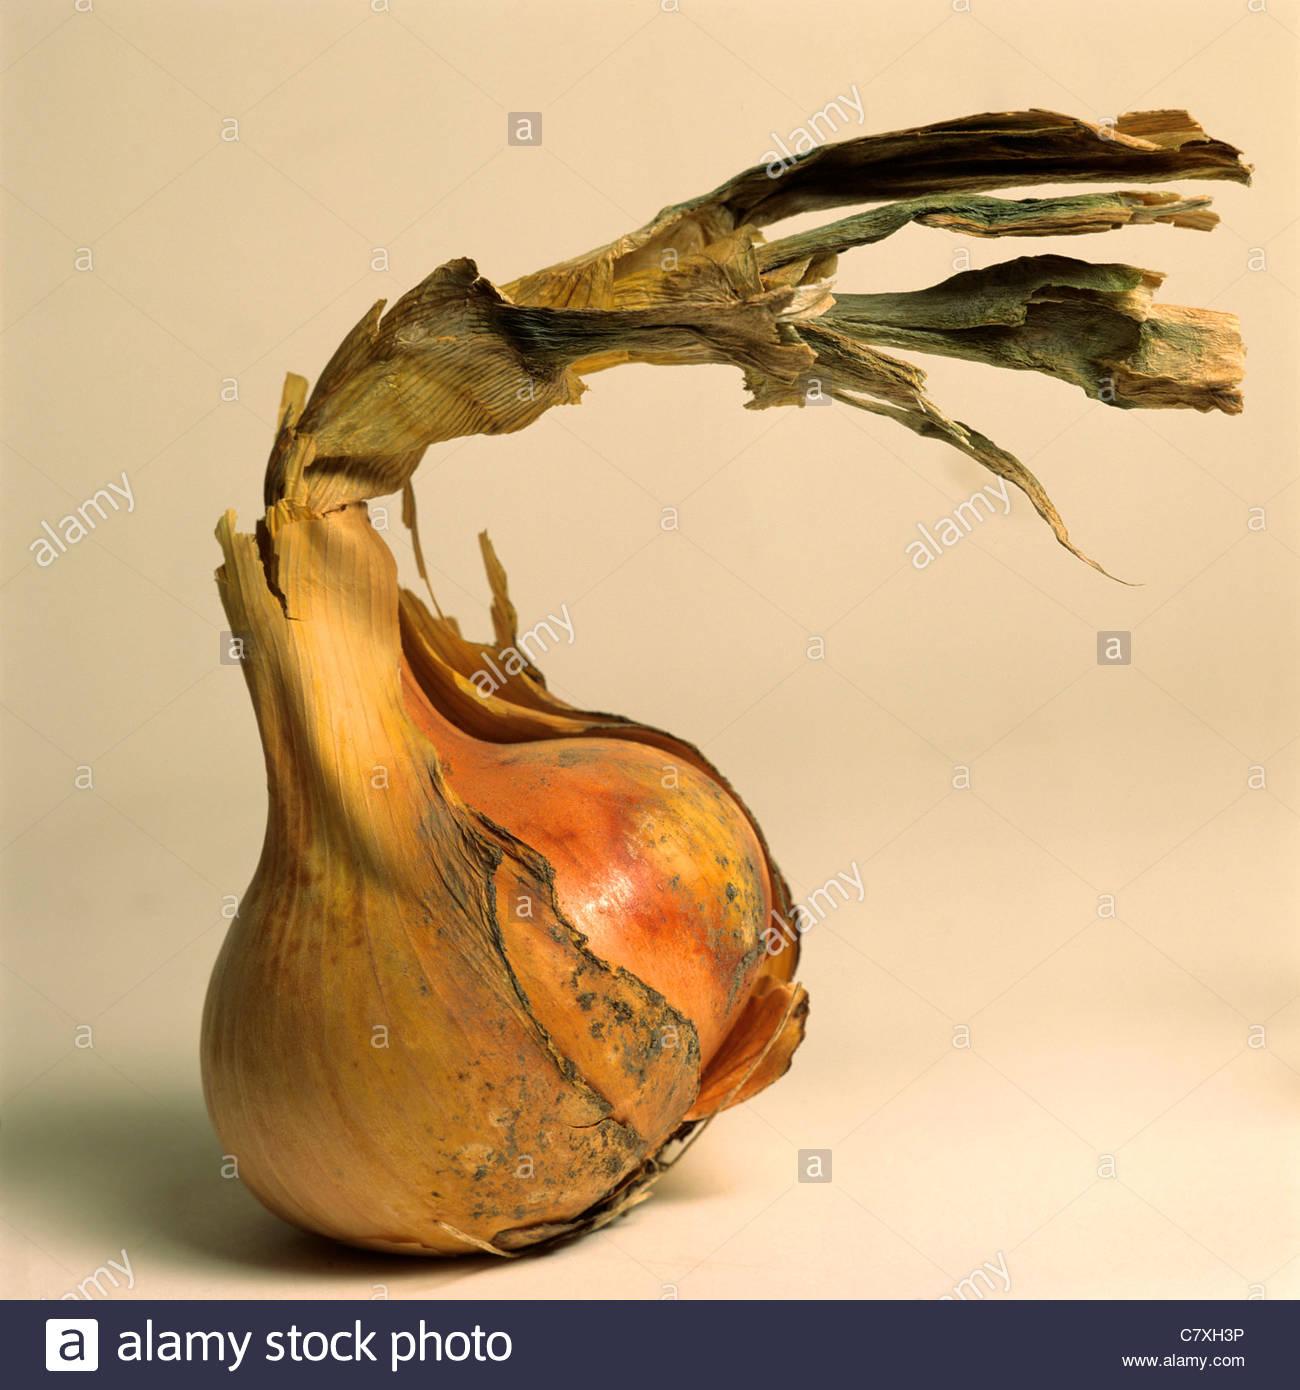 Zwiebel mit peeling Haut Stockbild